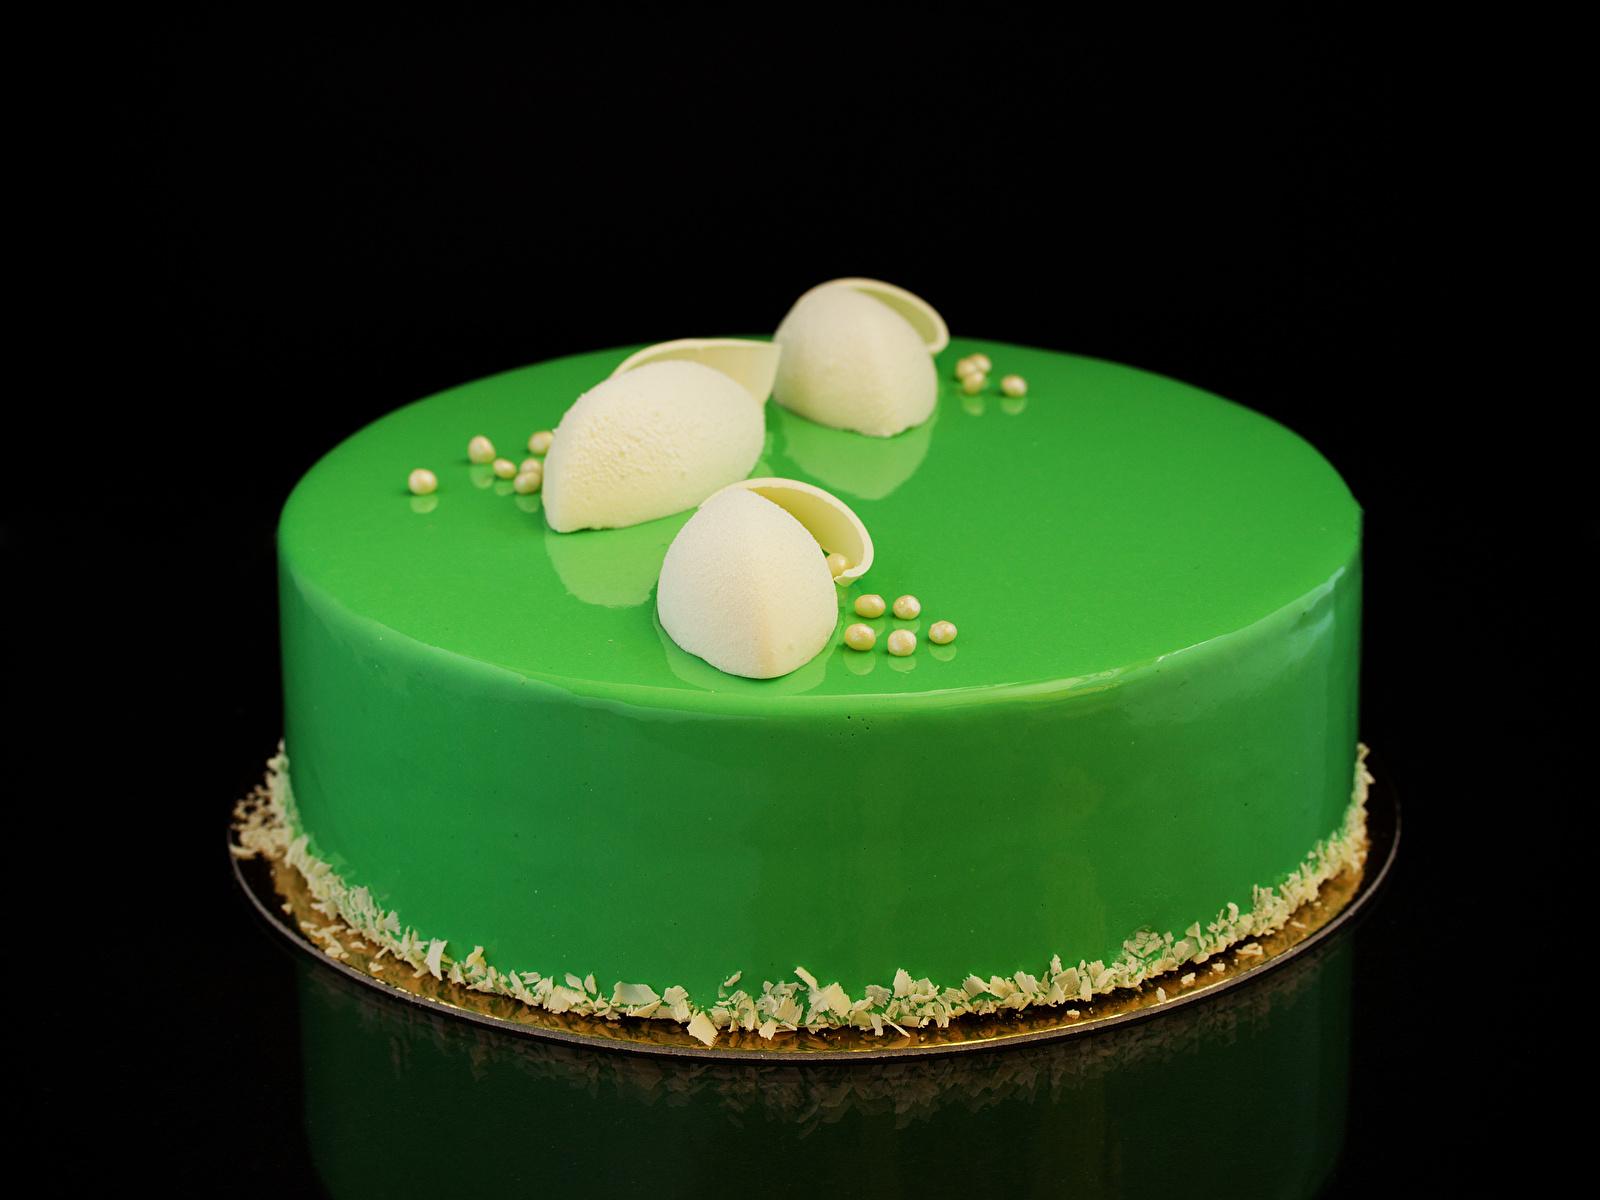 Обои для рабочего стола Торты салатовая Еда Черный фон сладкая еда дизайна 1600x1200 Салатовый салатовые желто зеленый Пища Продукты питания Сладости на черном фоне Дизайн